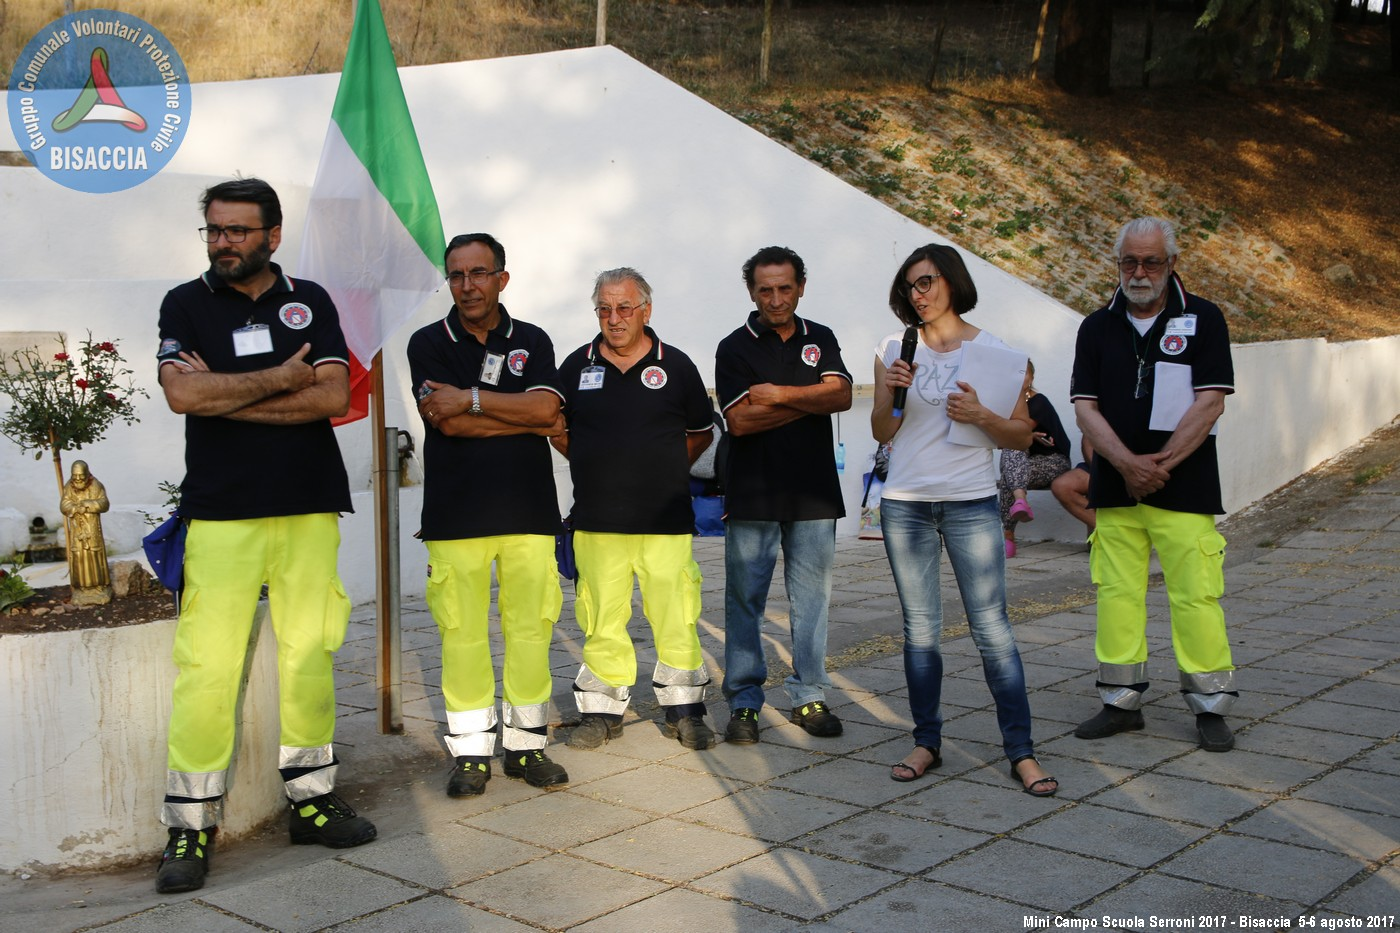 Mini Campo Scuola Serroni 201700010